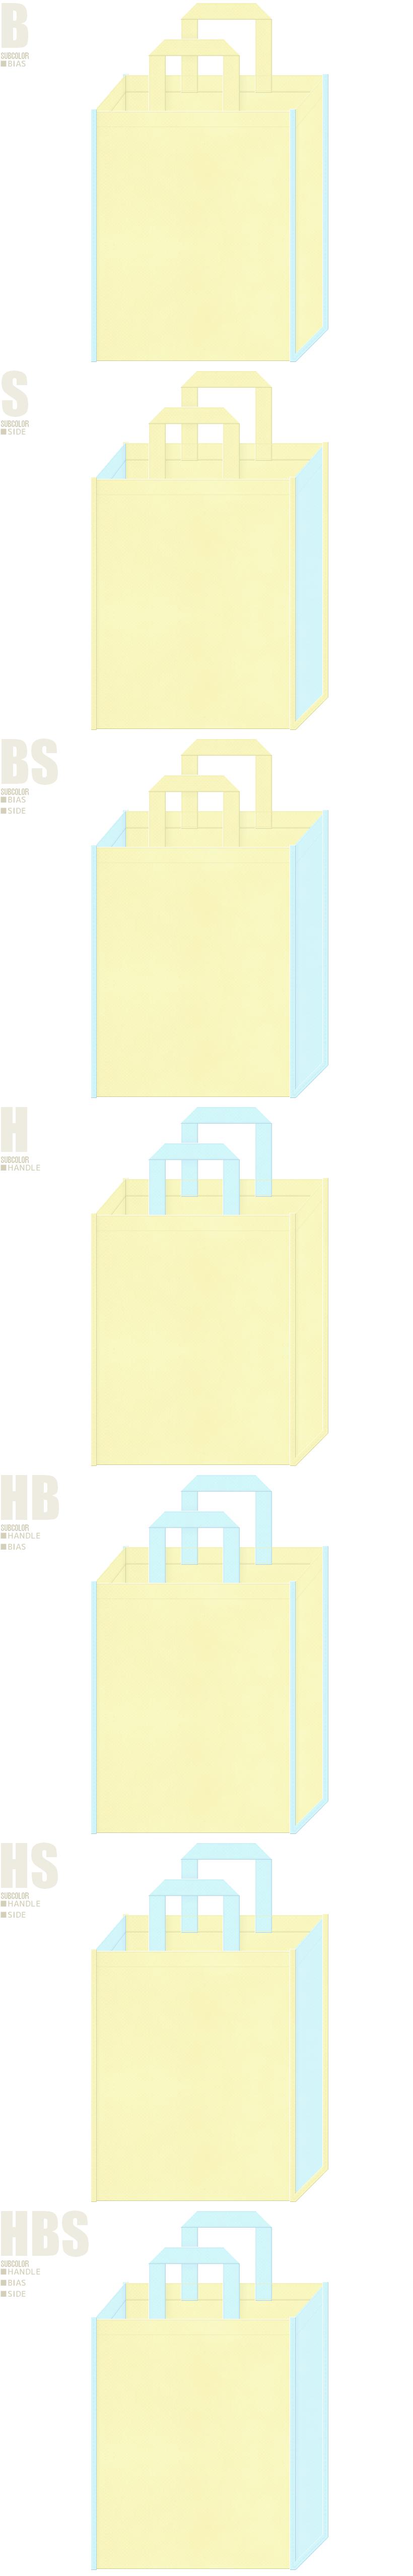 バス用品の展示会用バッグにお奨めの、薄黄色と水色、7パターンの不織布トートバッグ配色デザイン例。